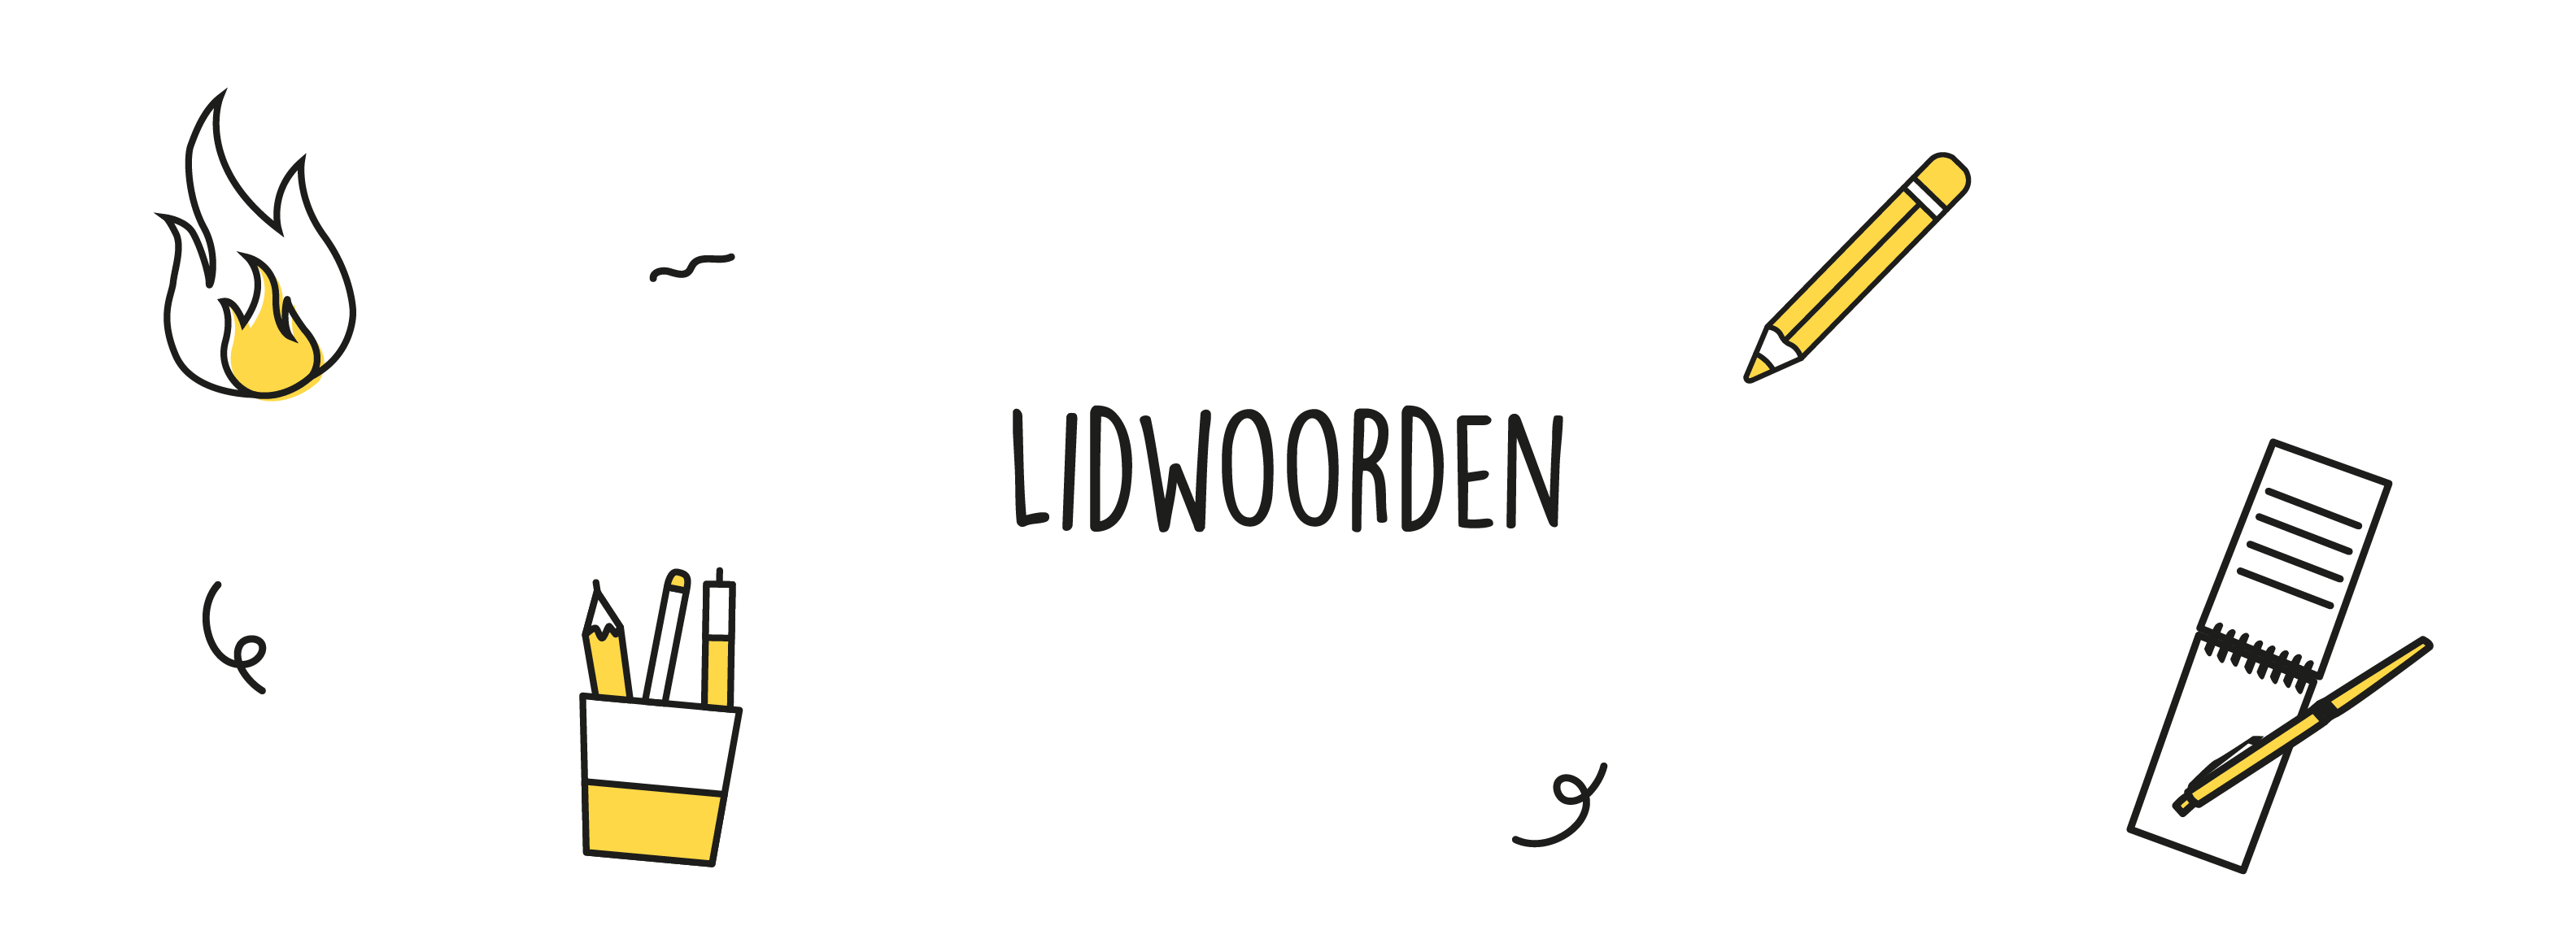 Lidwoorden